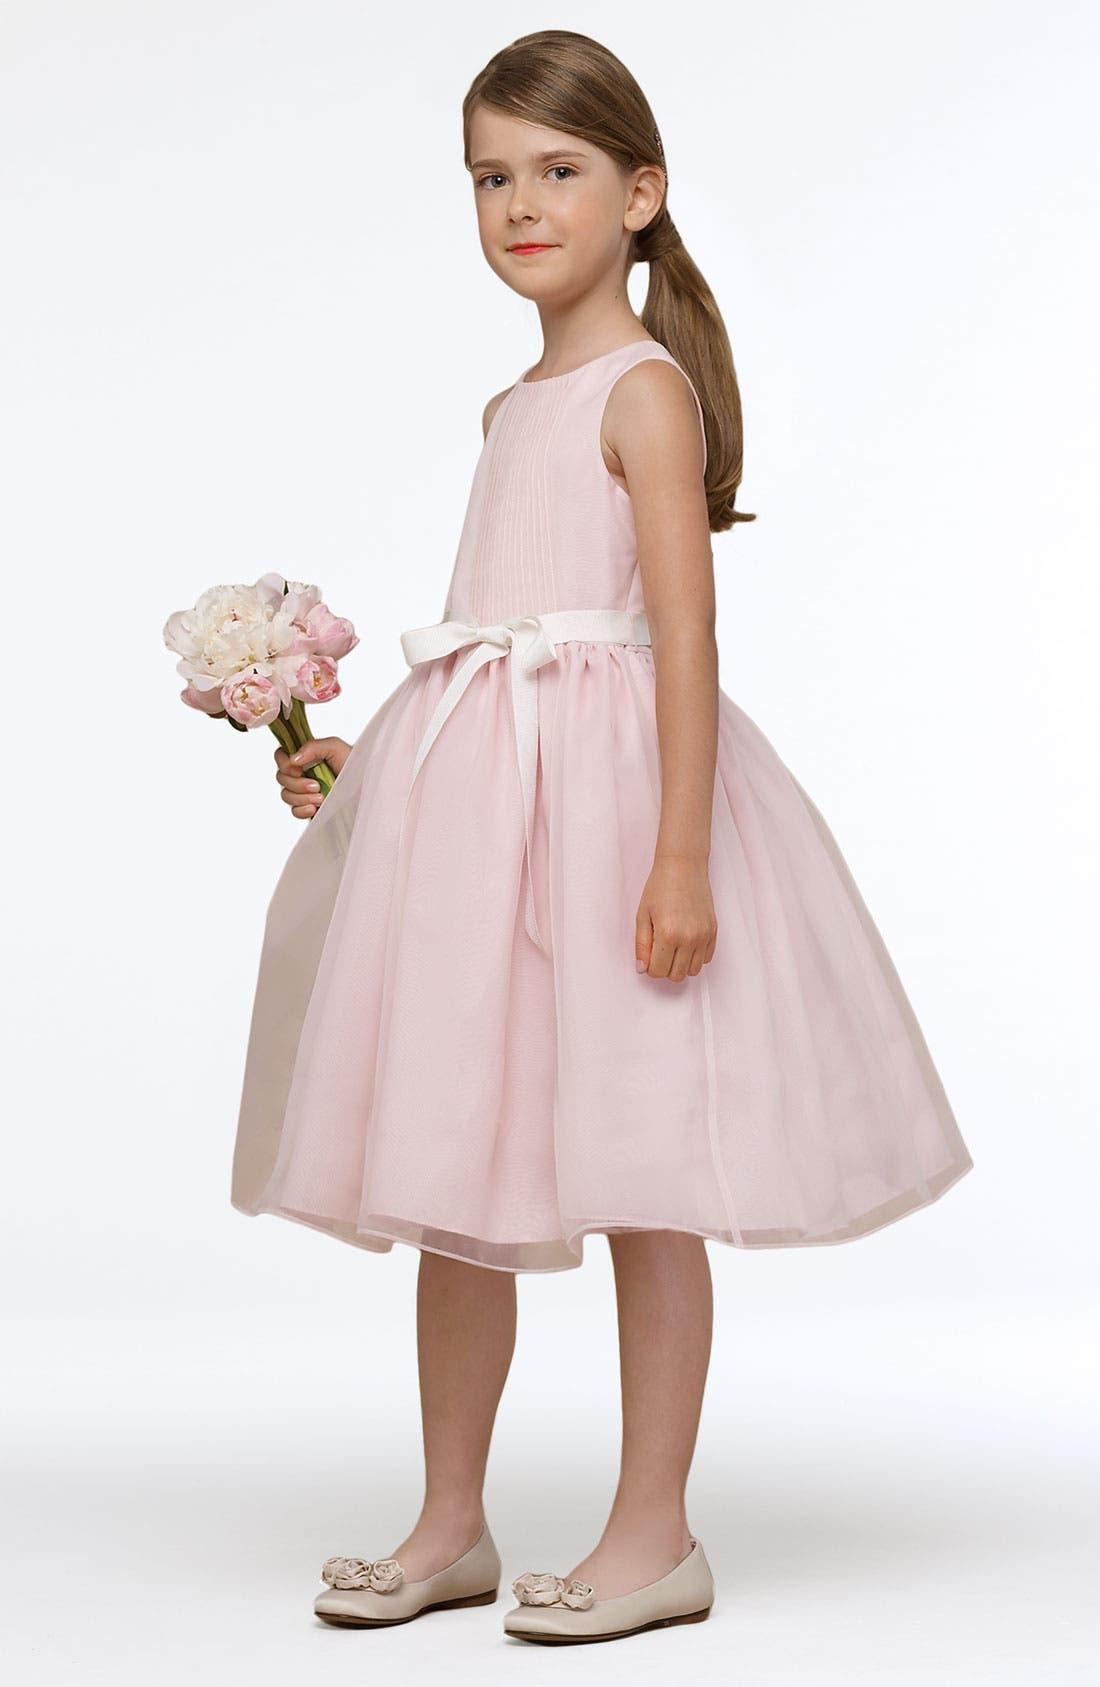 Alternate Image 1 Selected - Us Angels Full Sleeveless Dress (Baby Girls, Toddler Girls, Little Girls & Big Girls)